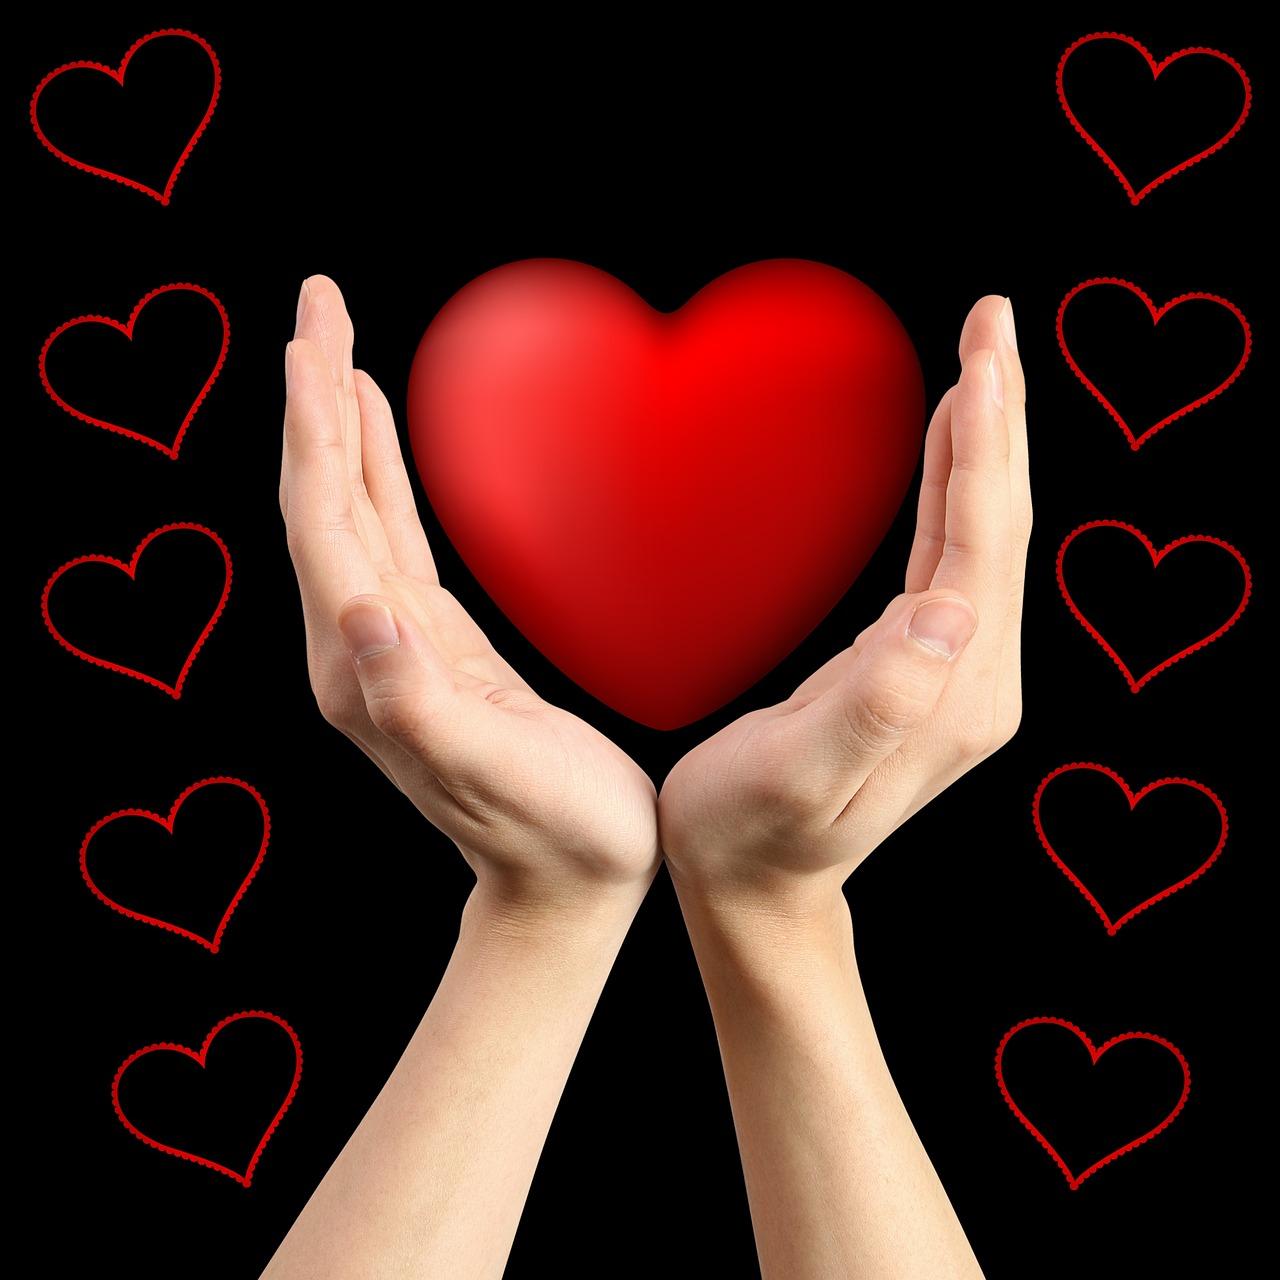 Открытка девушки с сердцем в руке, днем рождения прикольные